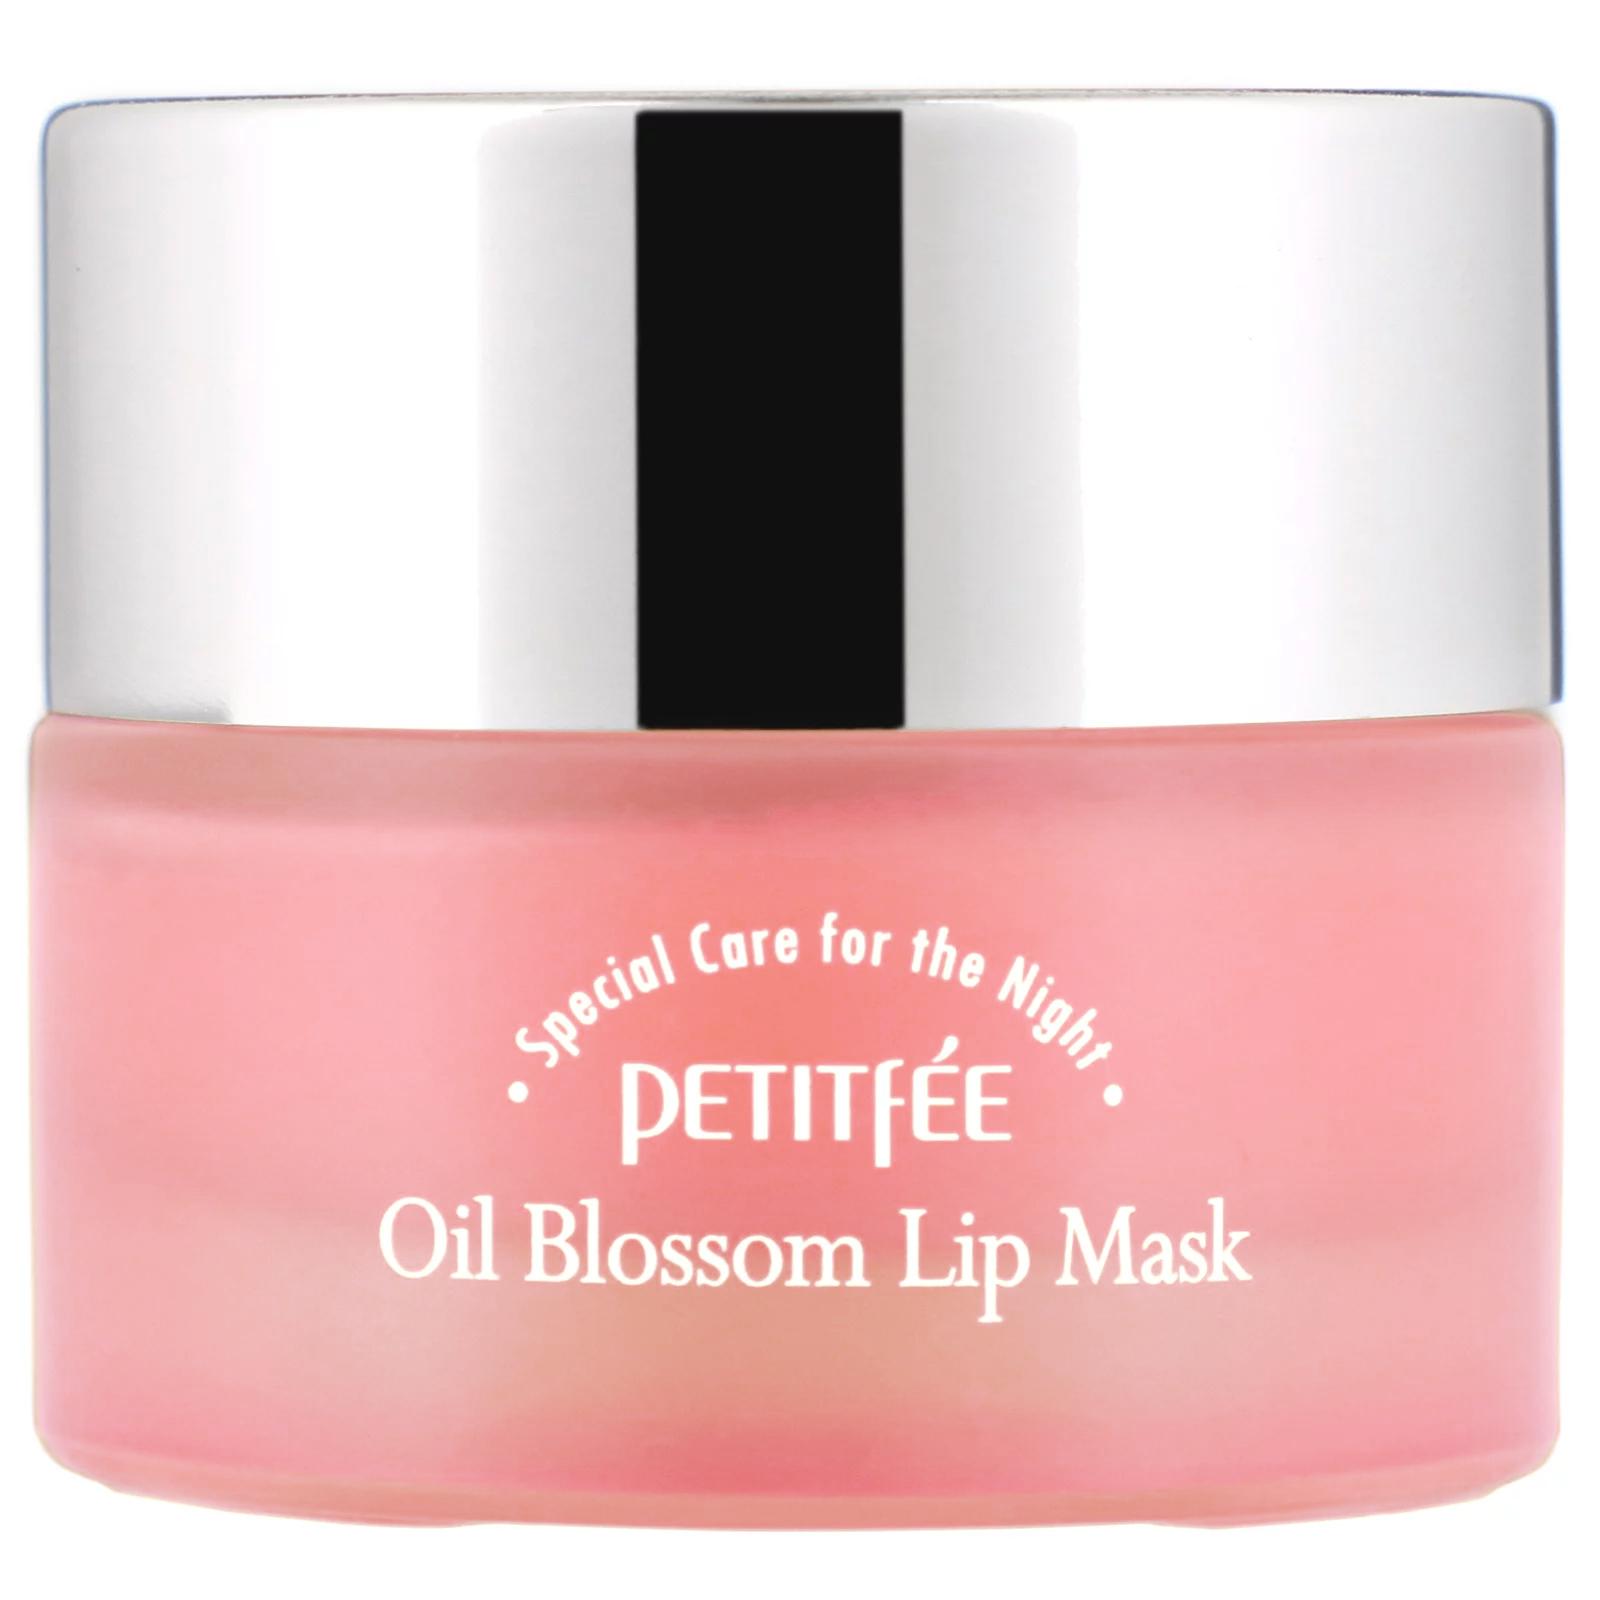 Petitfee, Oil Blossom, маска для губ, масло из семян камелии, 15 г